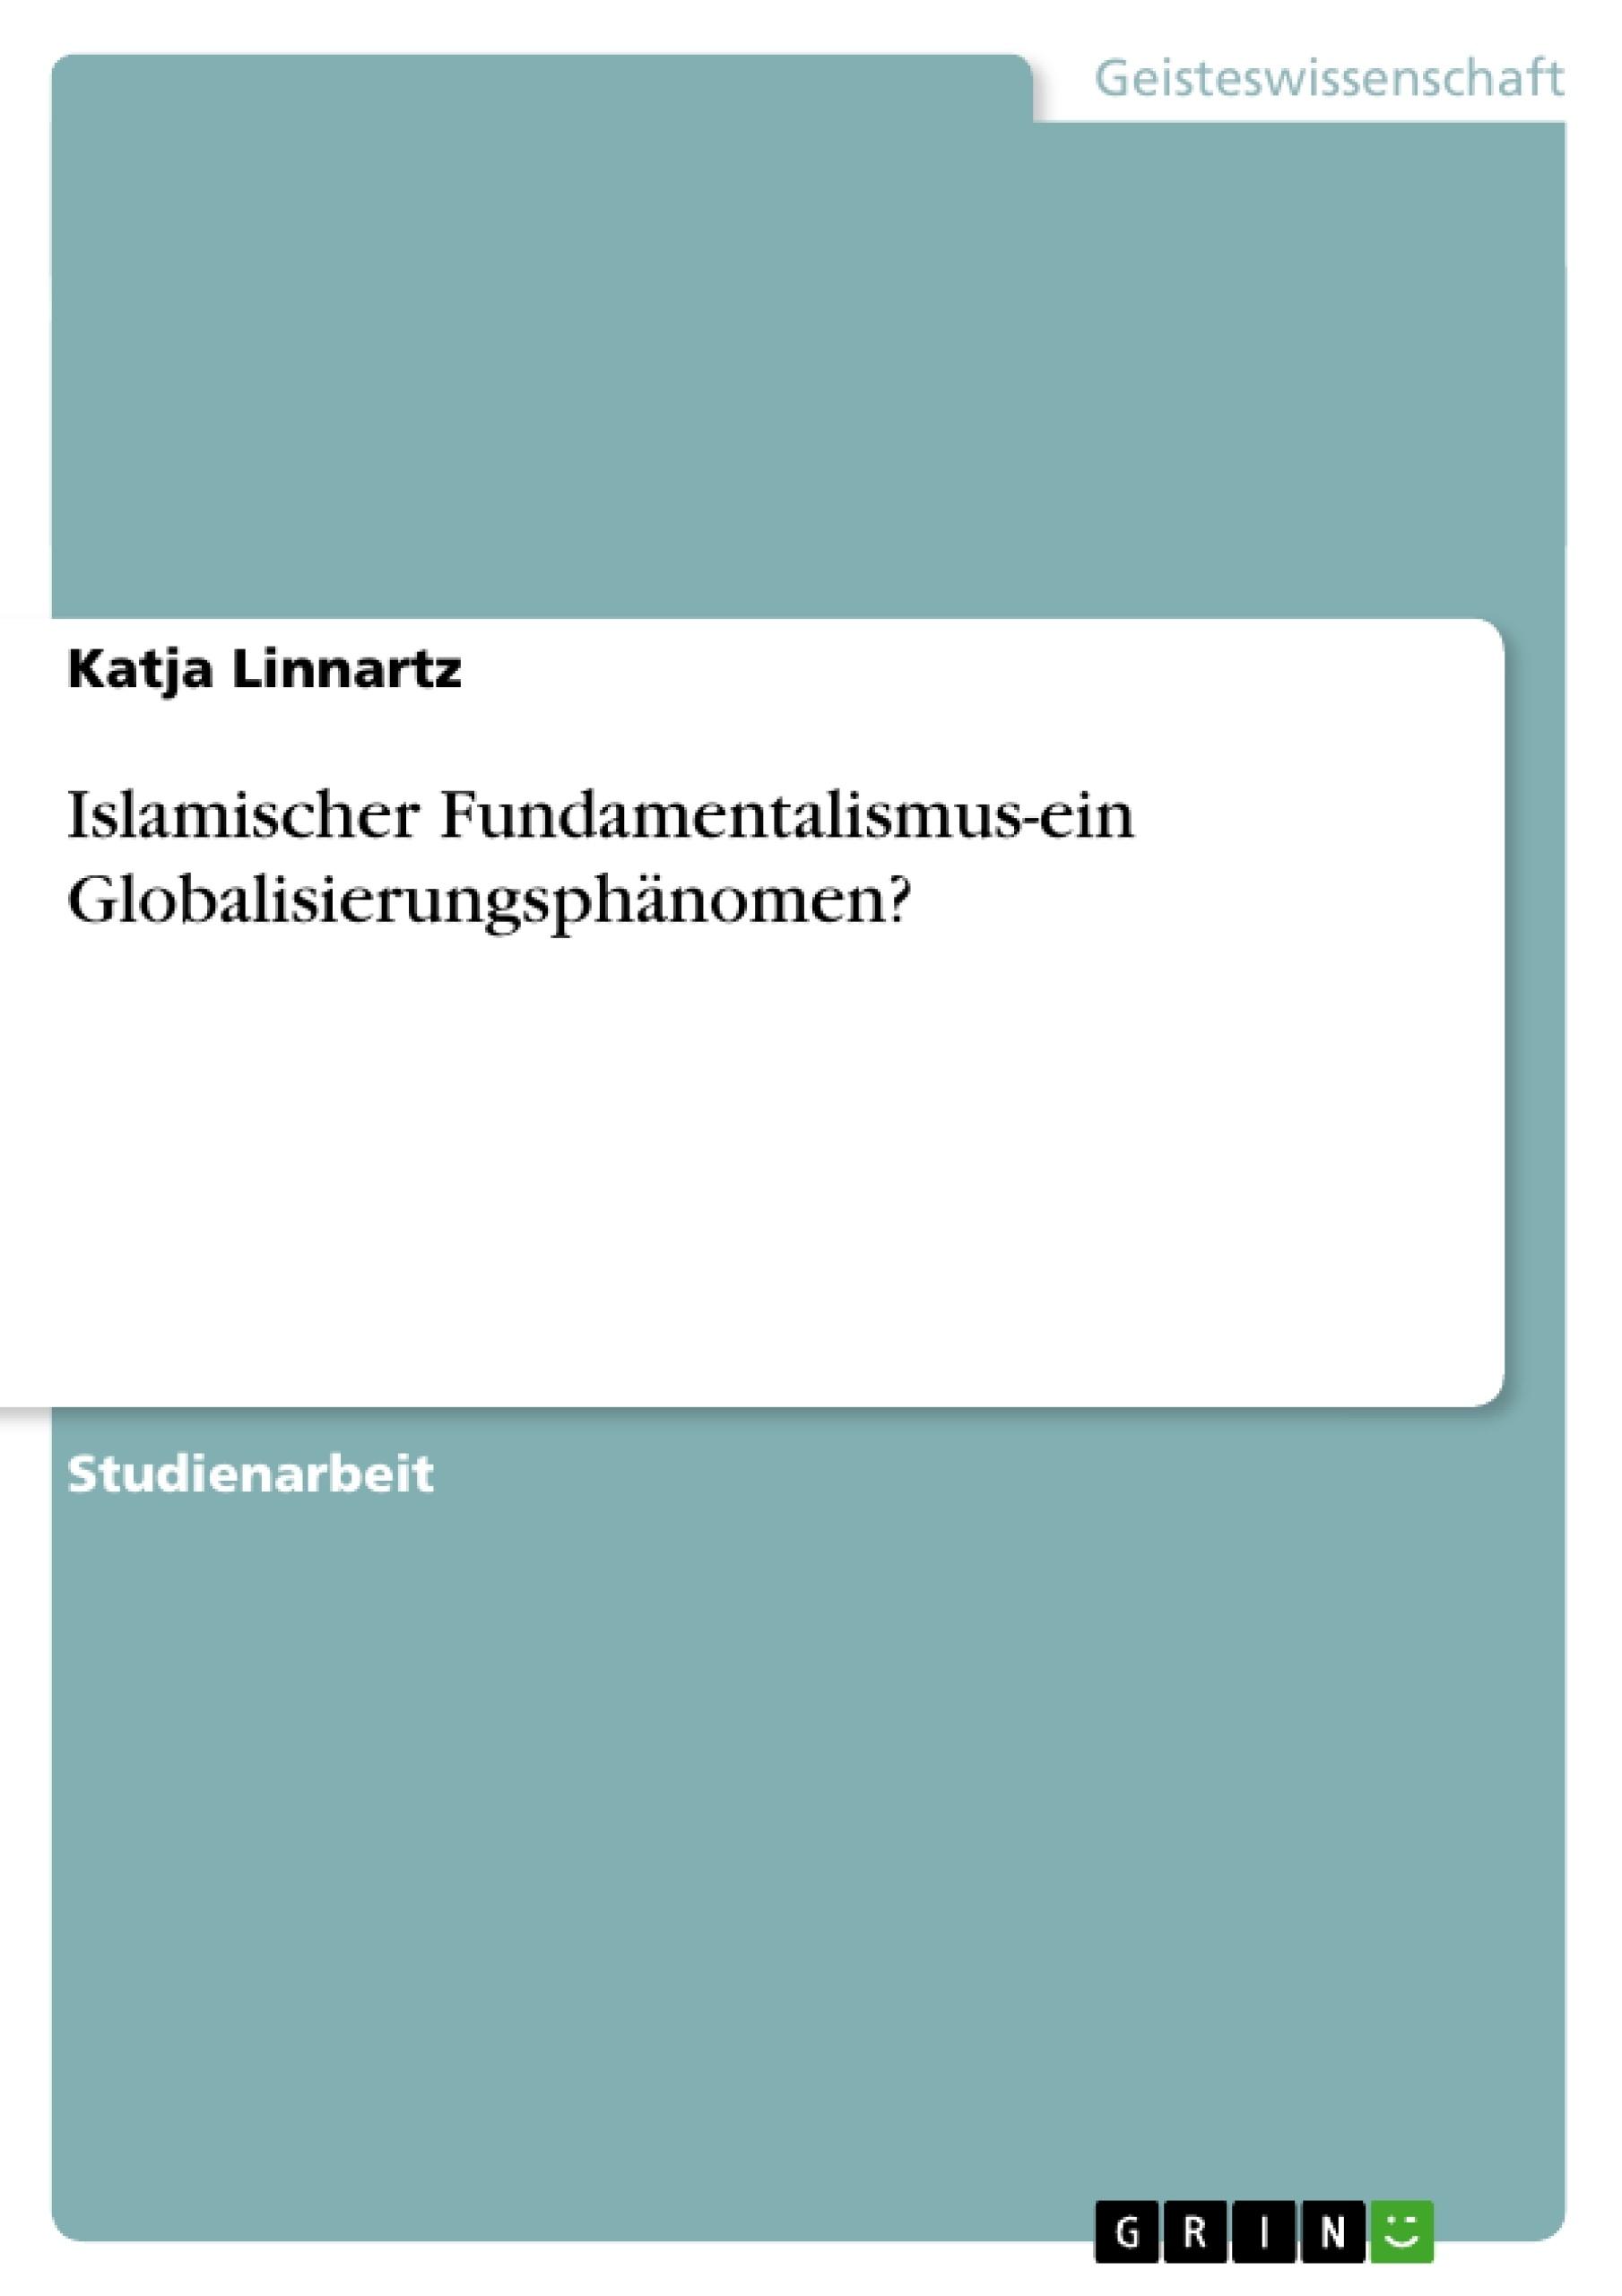 Titel: Islamischer Fundamentalismus-ein Globalisierungsphänomen?